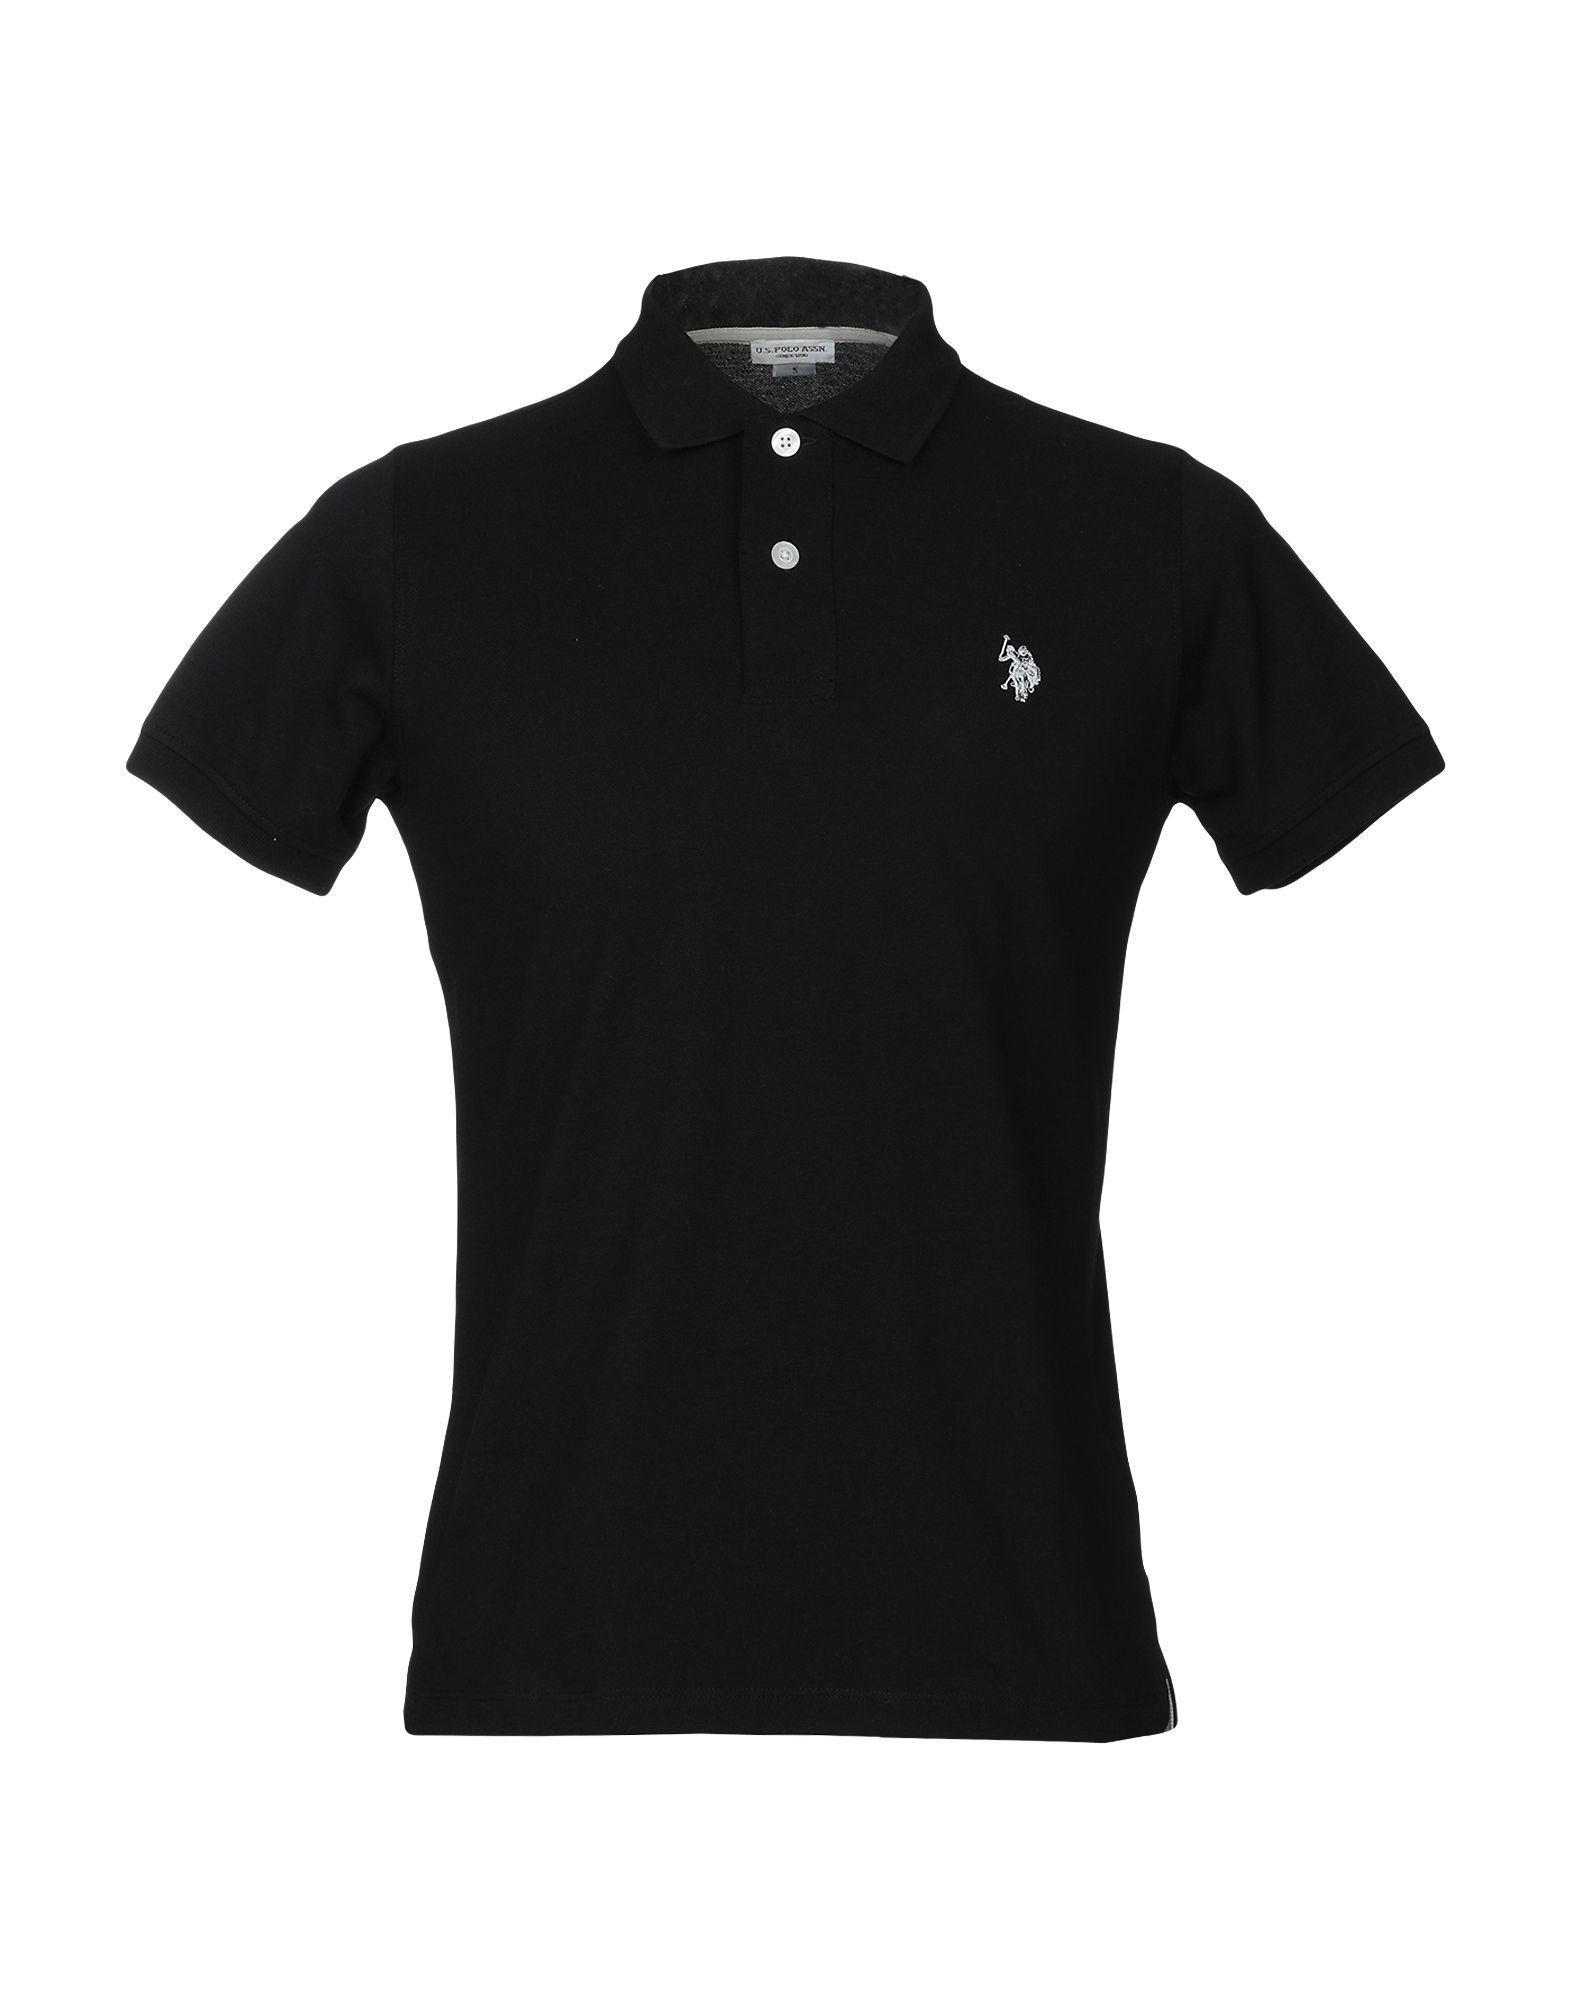 《送料無料》U.S.POLO ASSN. メンズ ポロシャツ ブラック S コットン 100%